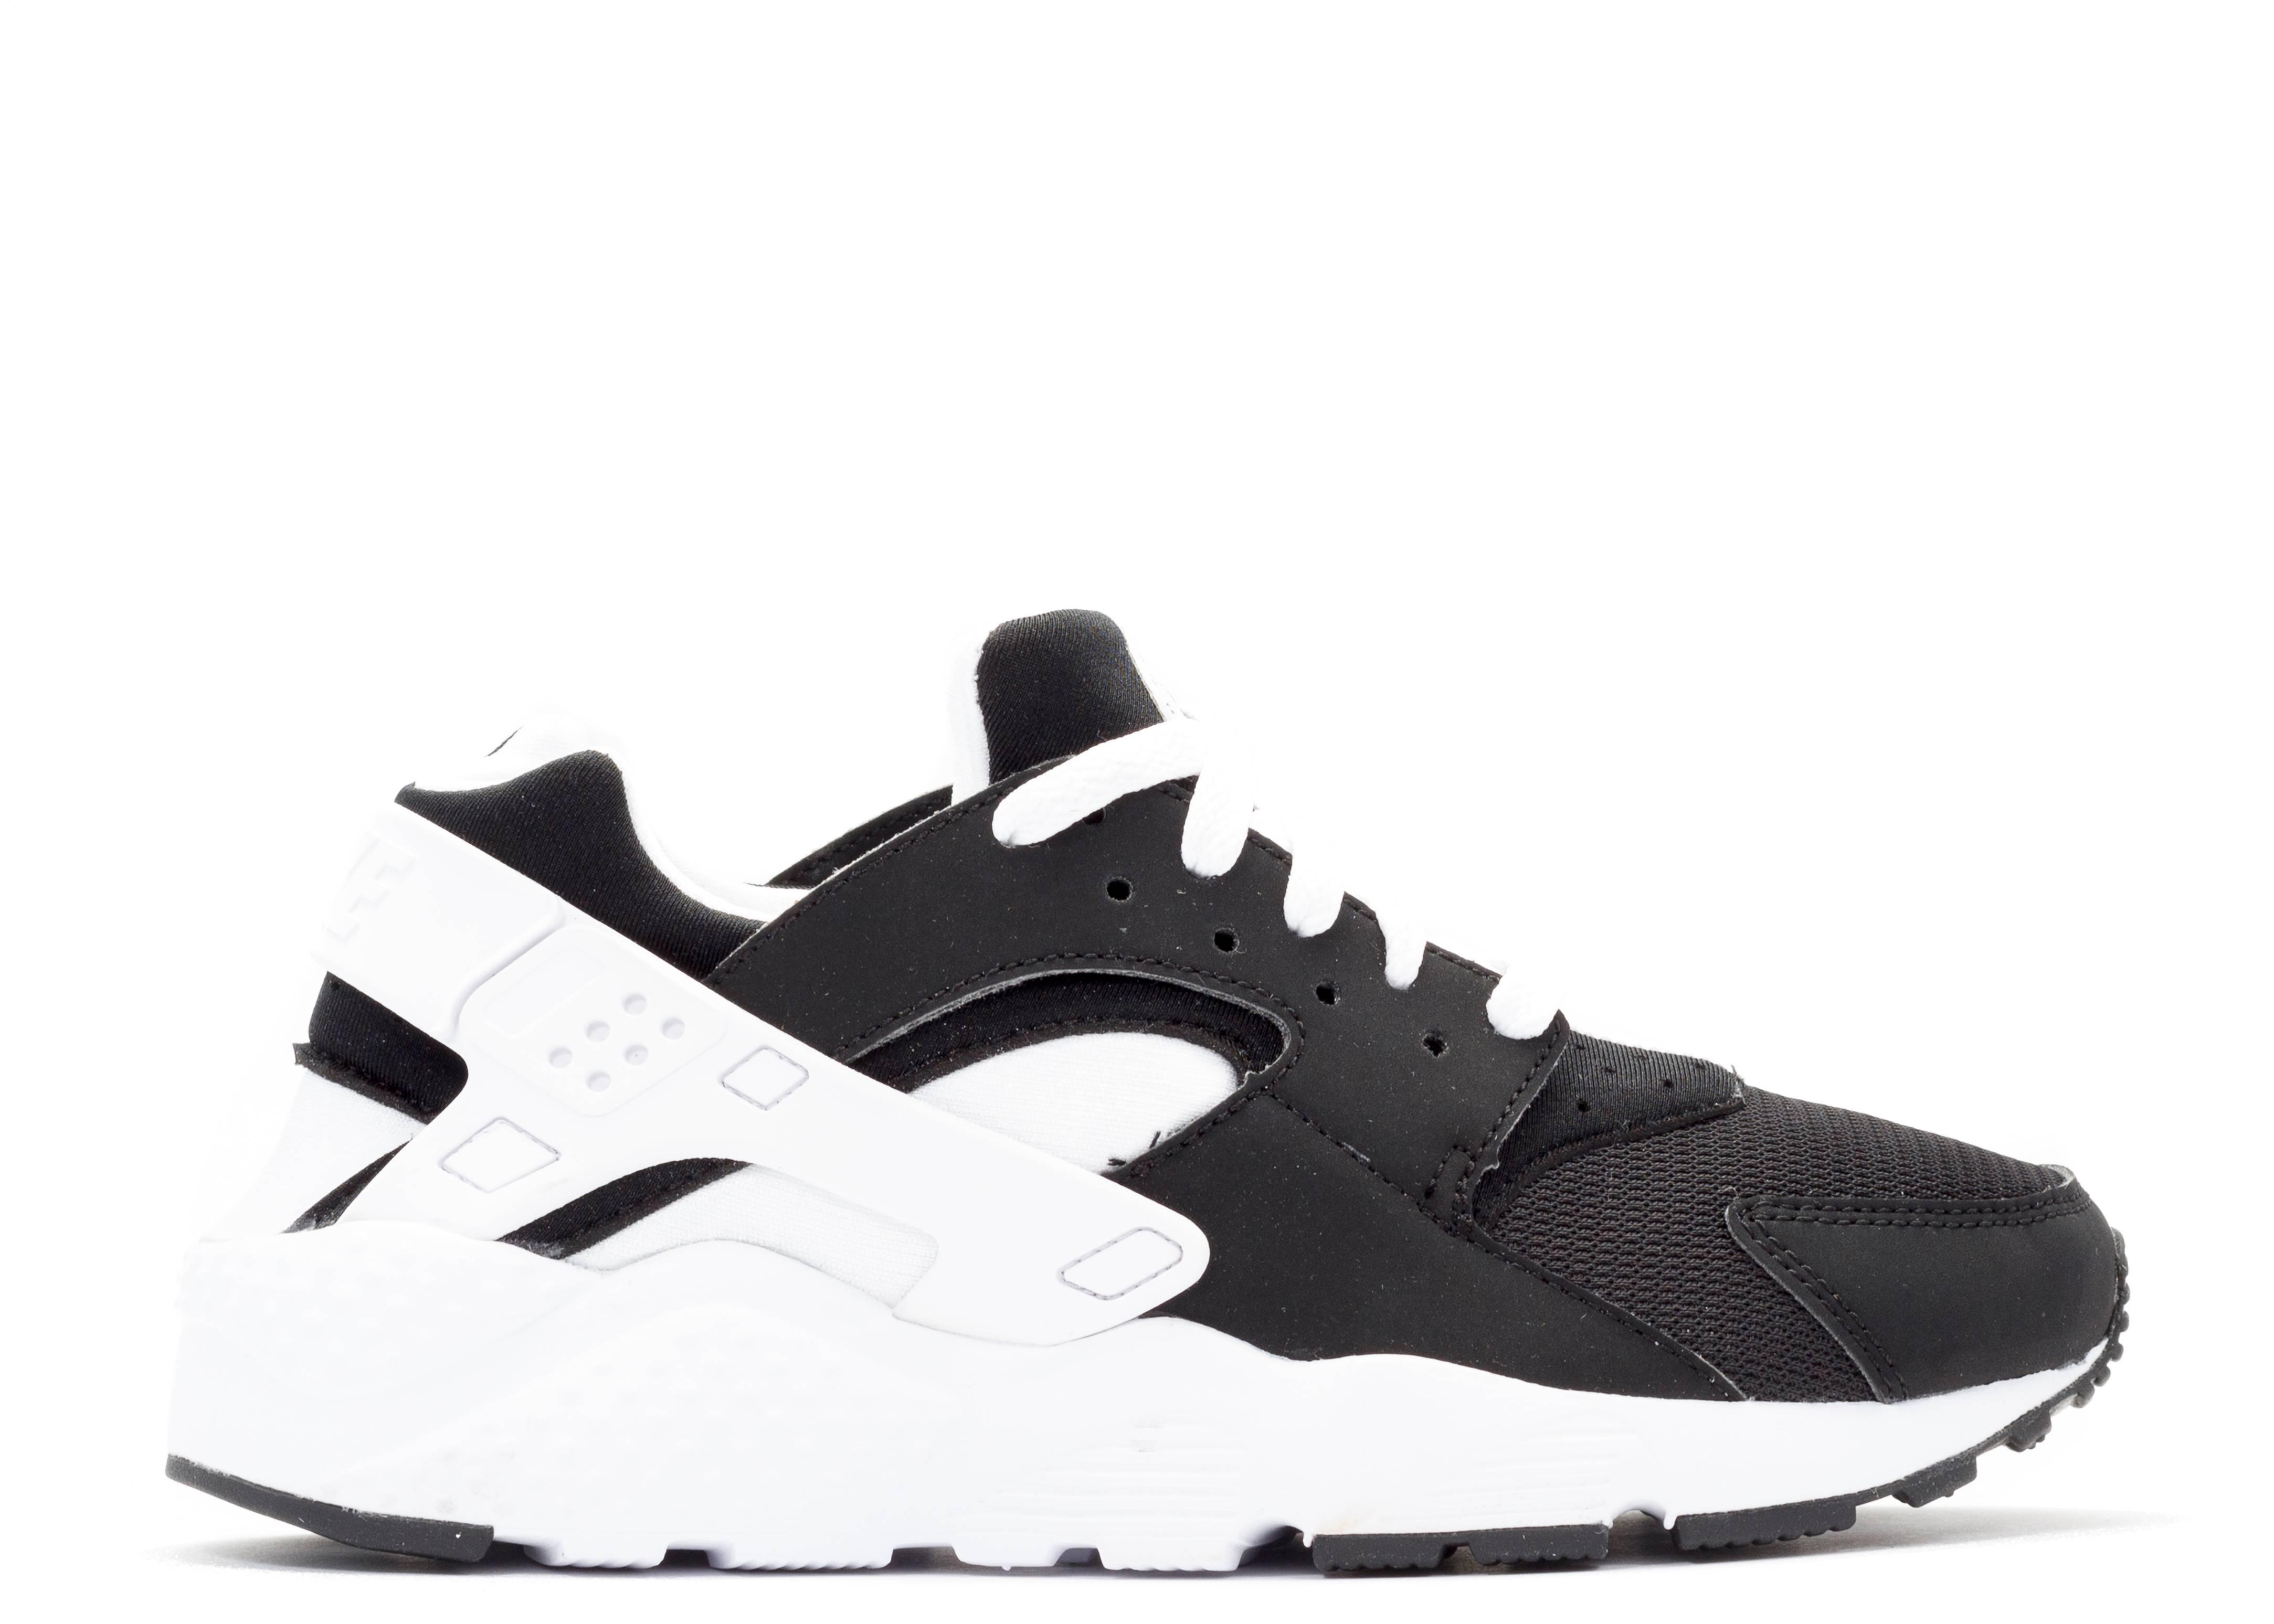 nike huarache black and white price